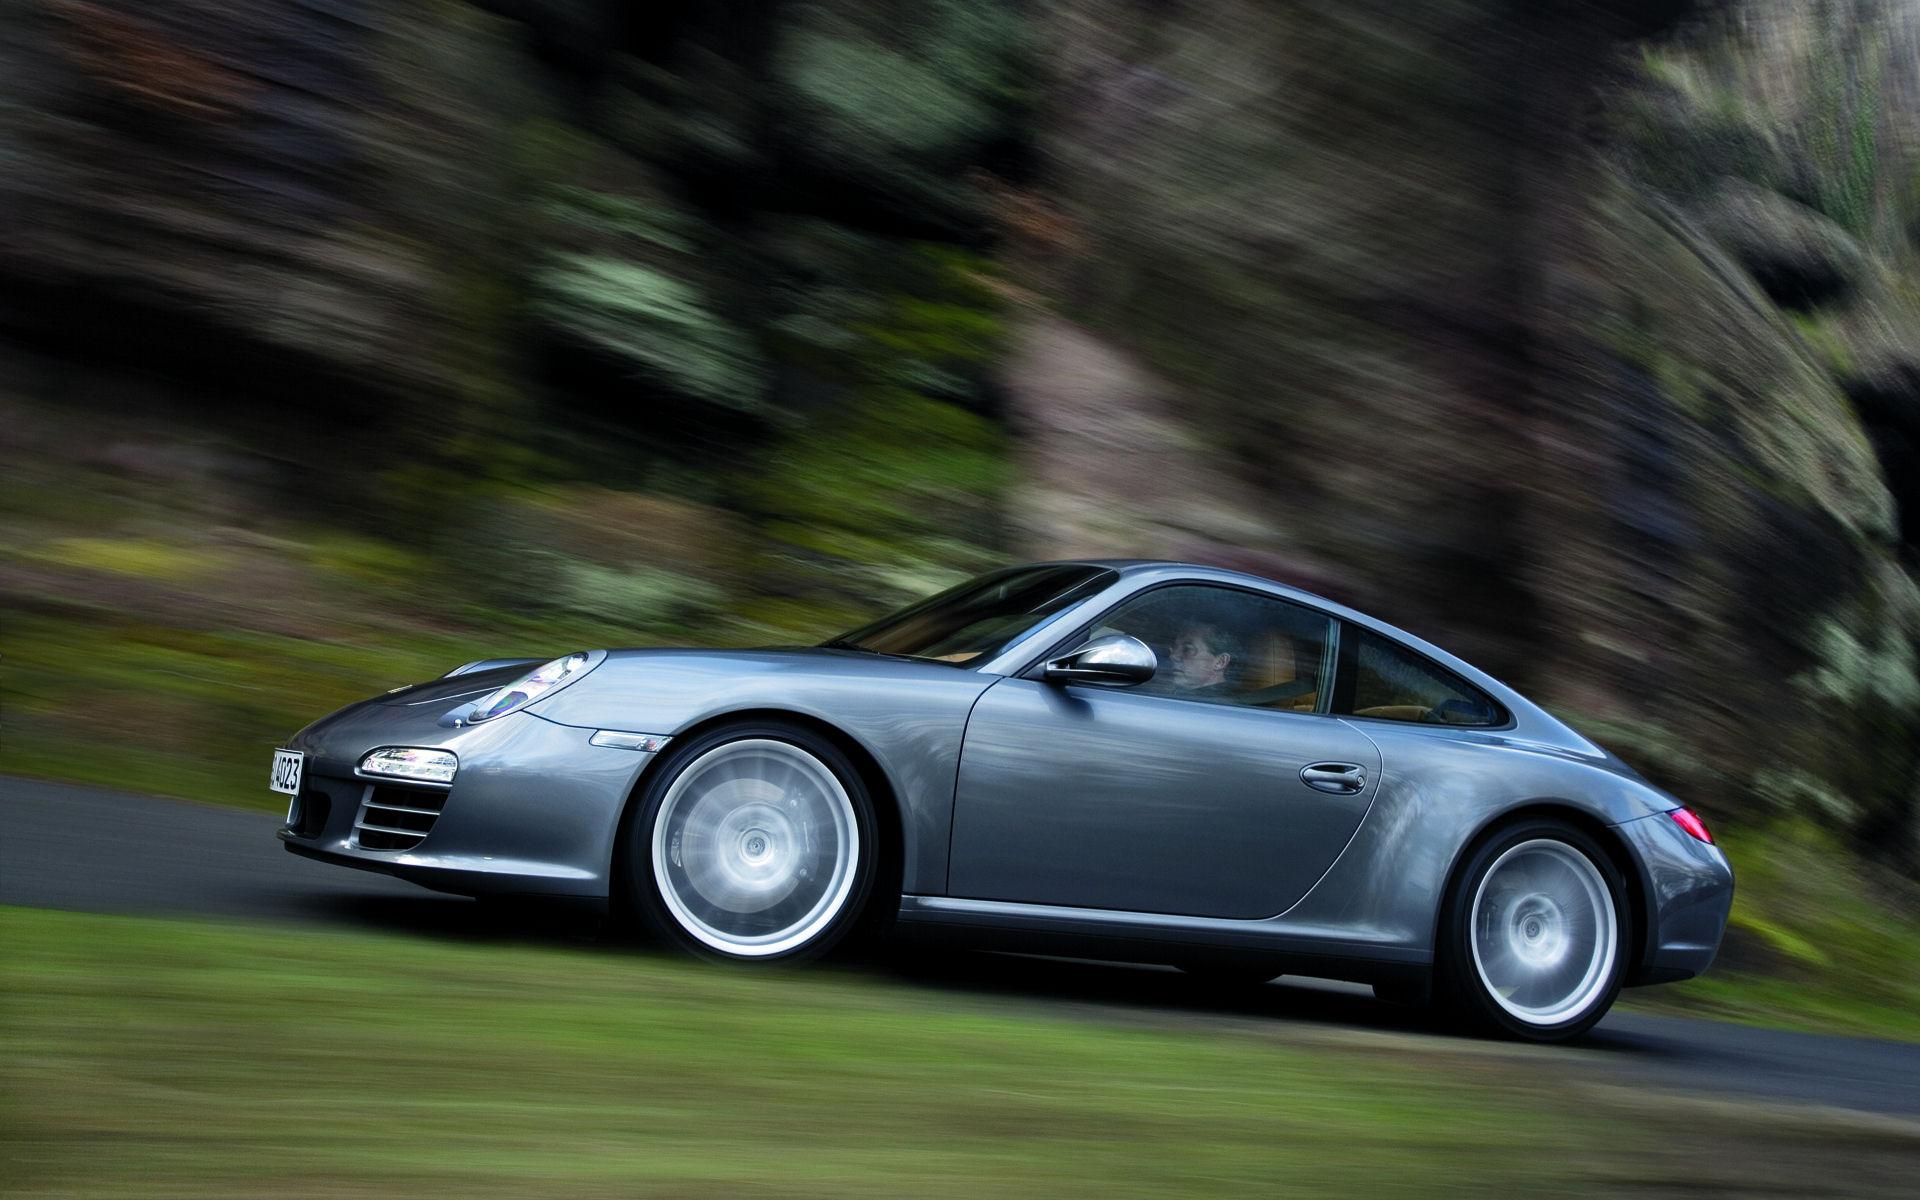 Porsche Porsche 911 Porsche 911 Desktop Wallpapers Widescreen 1920x1200